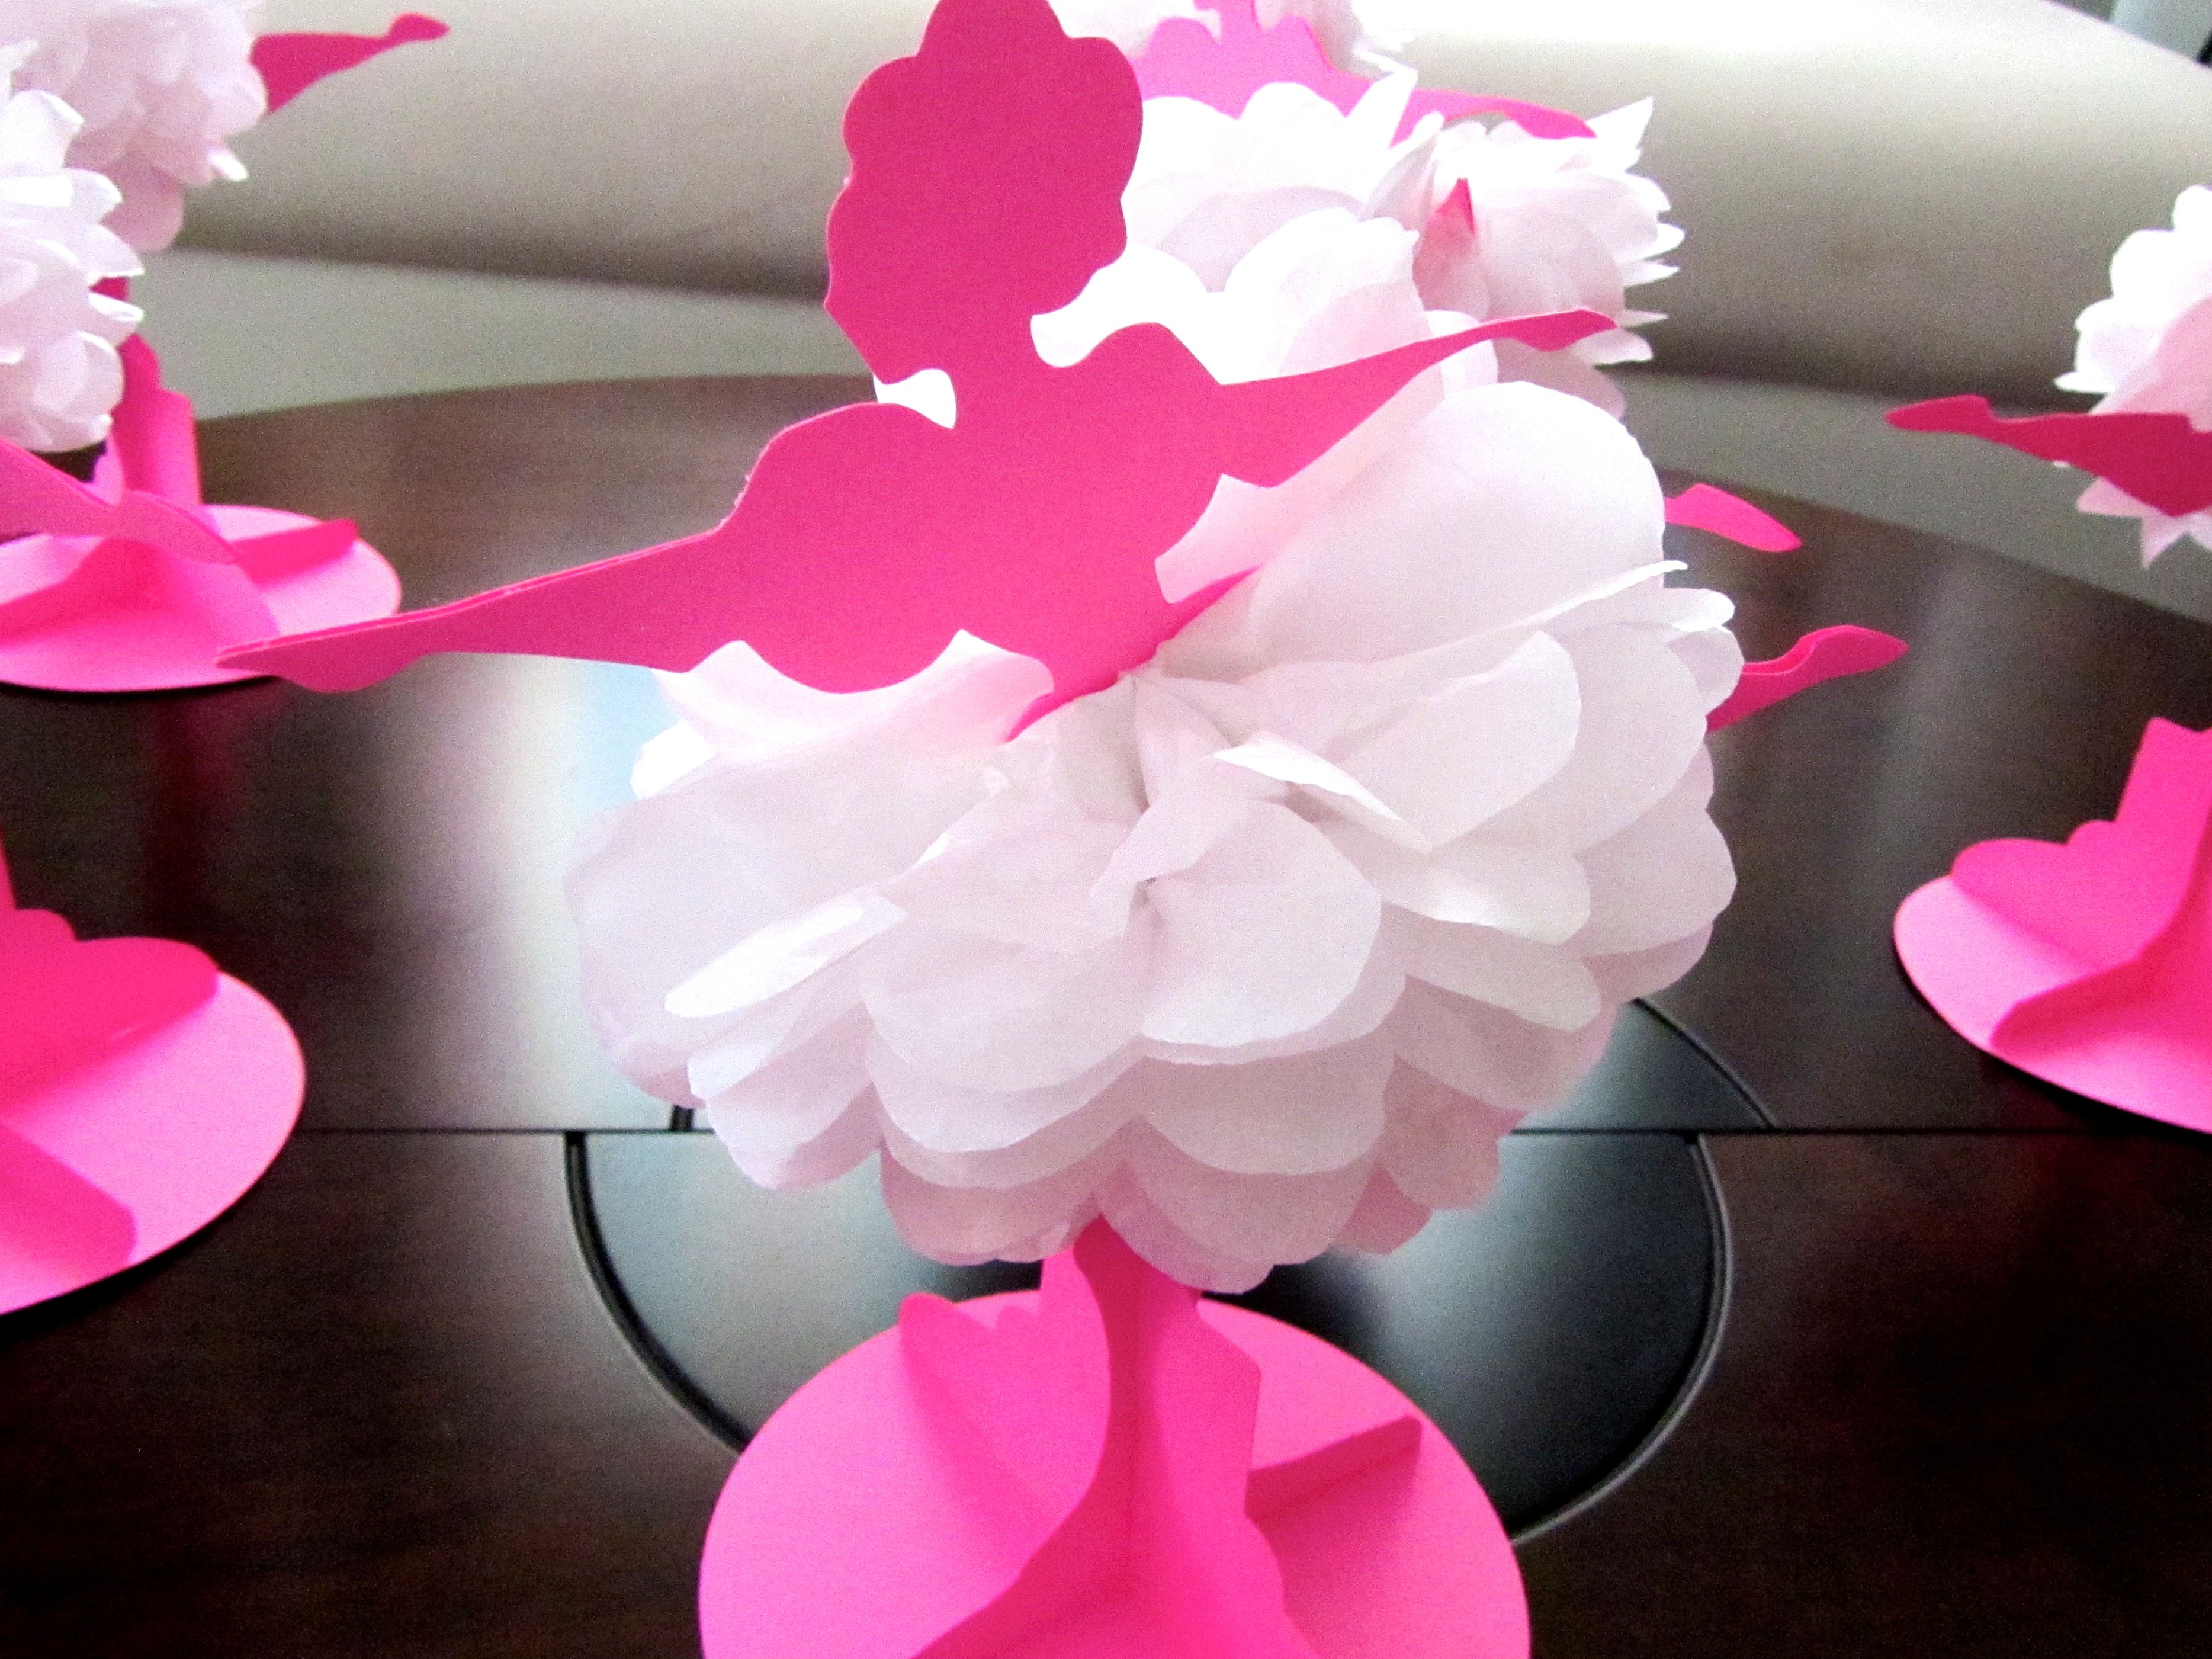 Centro de mesa con flores de papel de seda diy tissue - Centros de mesa de papel ...